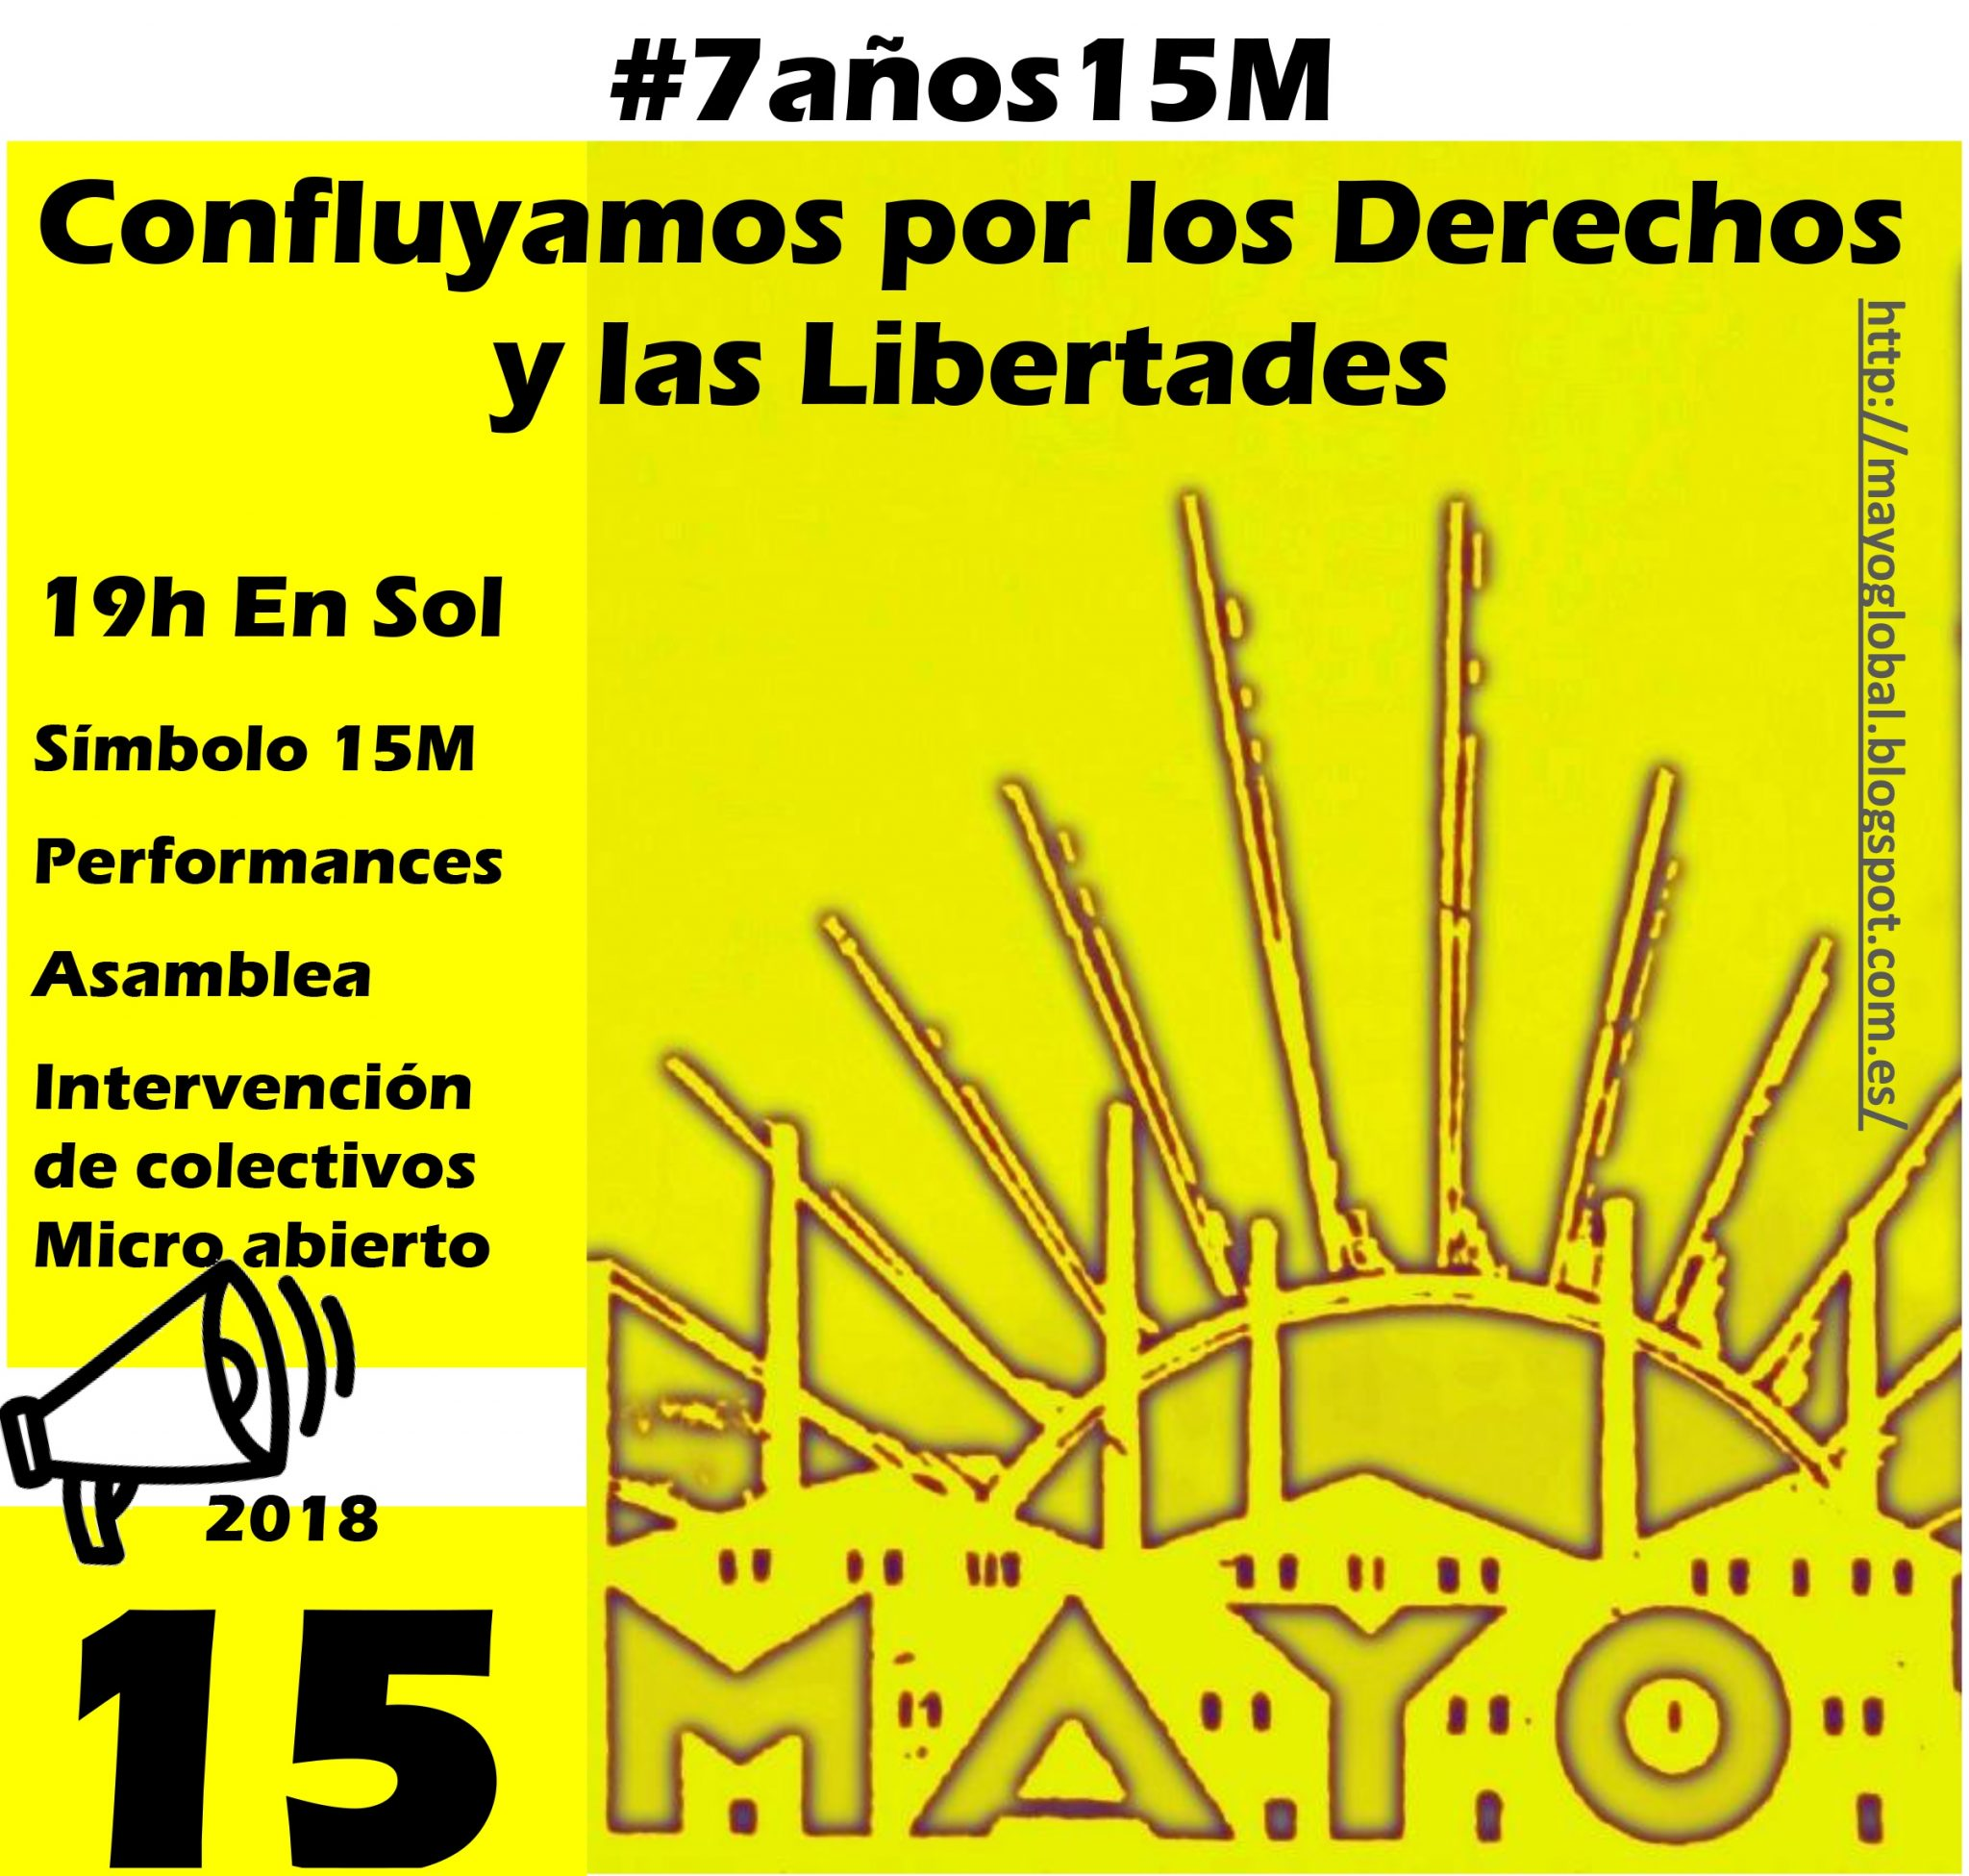 7#Años15M Confluyamos por nuestros derechos y libertades